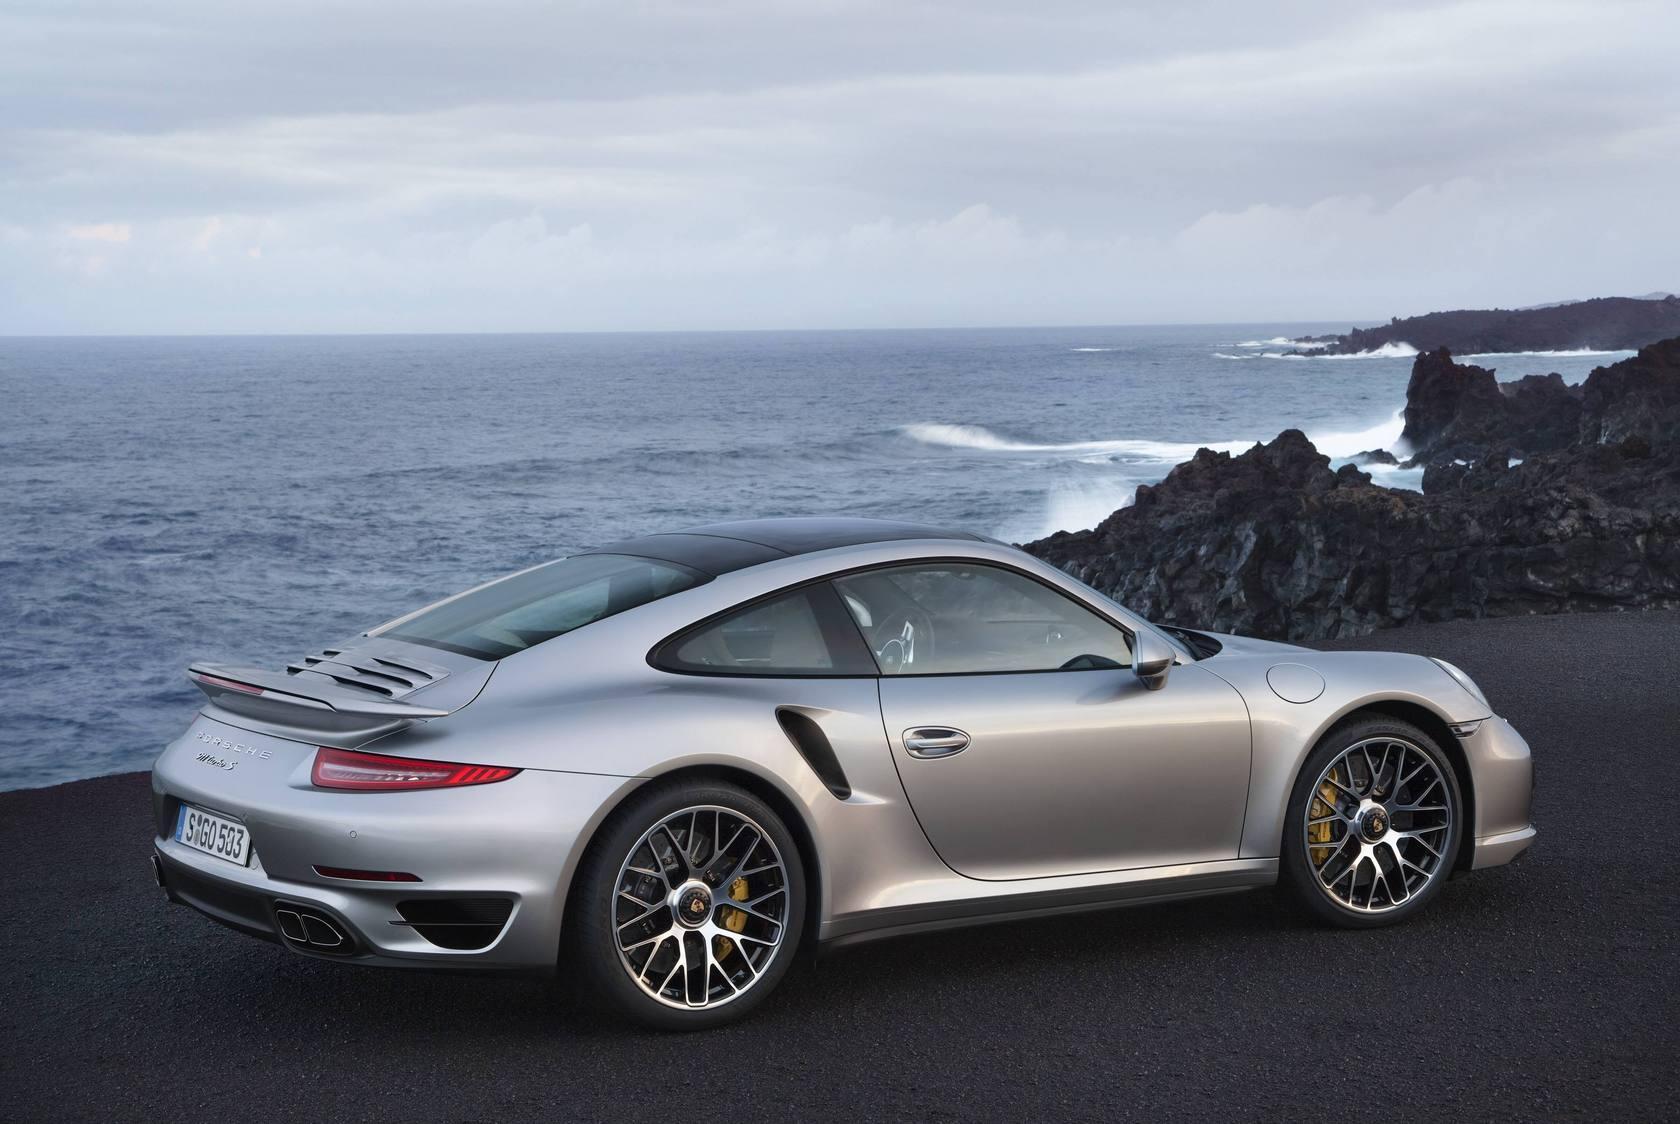 Nuevos Porsche 911 Turbo y 911 Turbo S